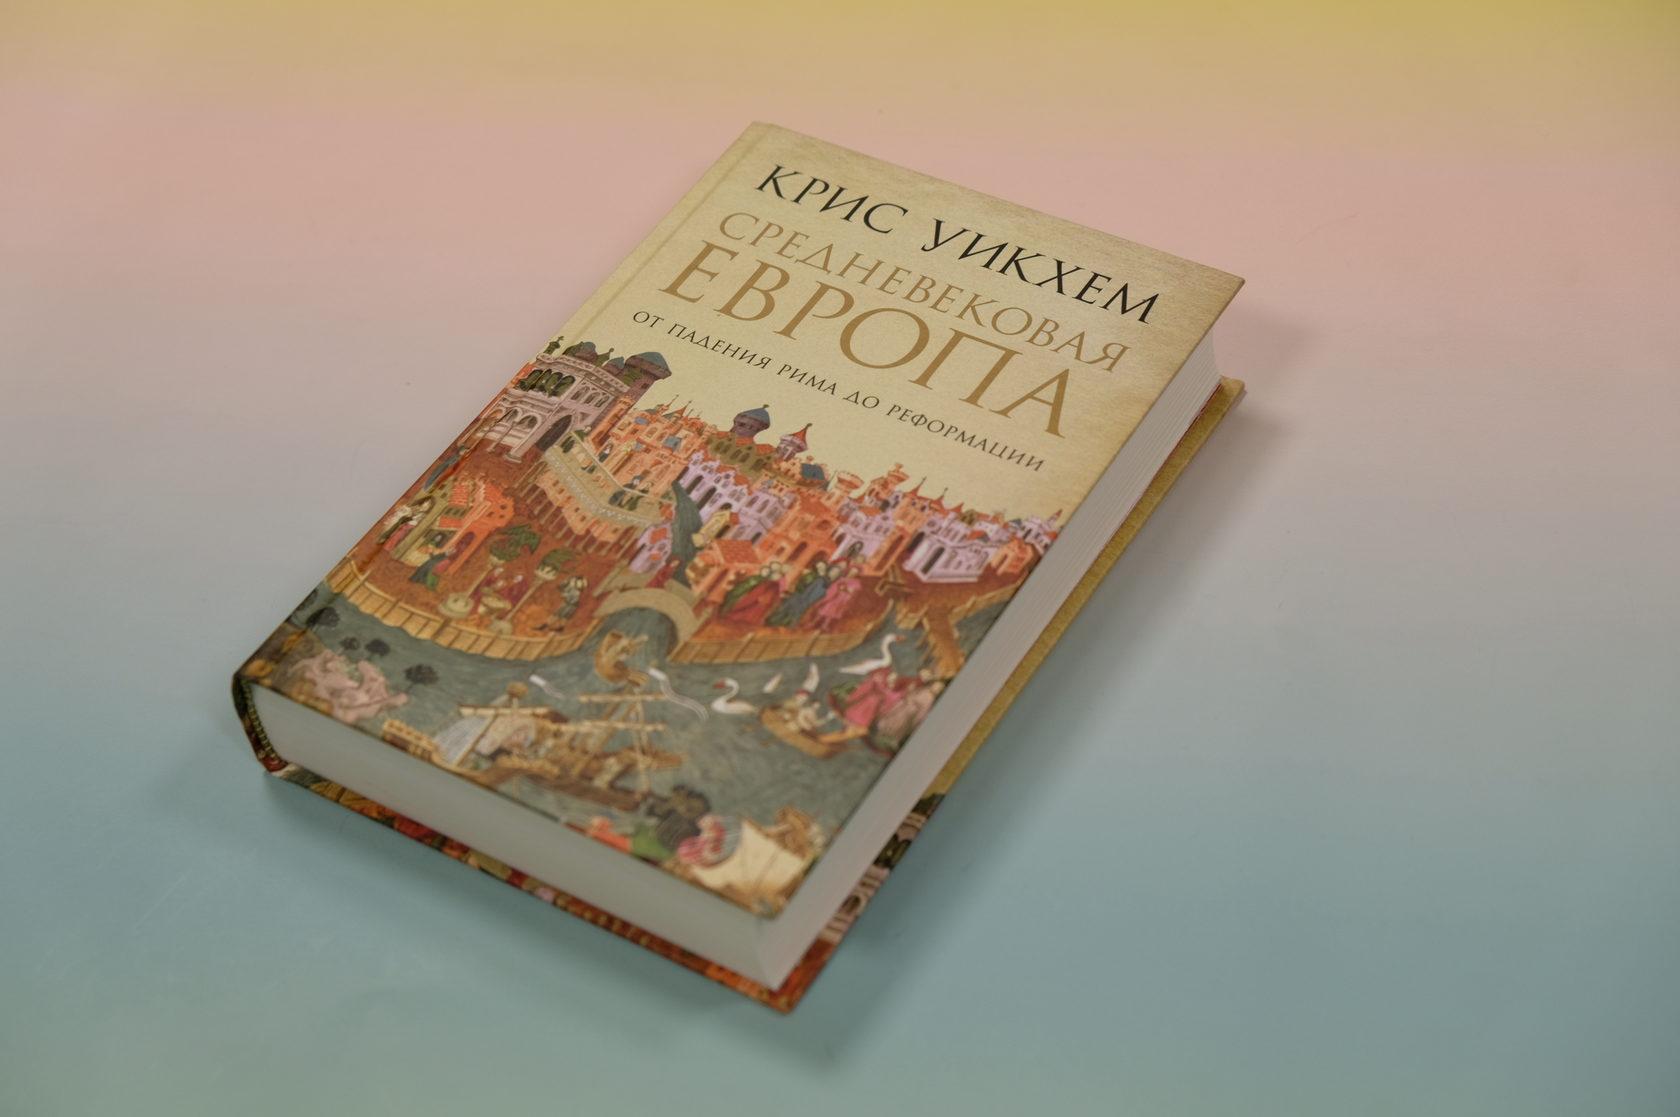 Крис Уикхем «Средневековая Европа. От падения Рима до реформации»